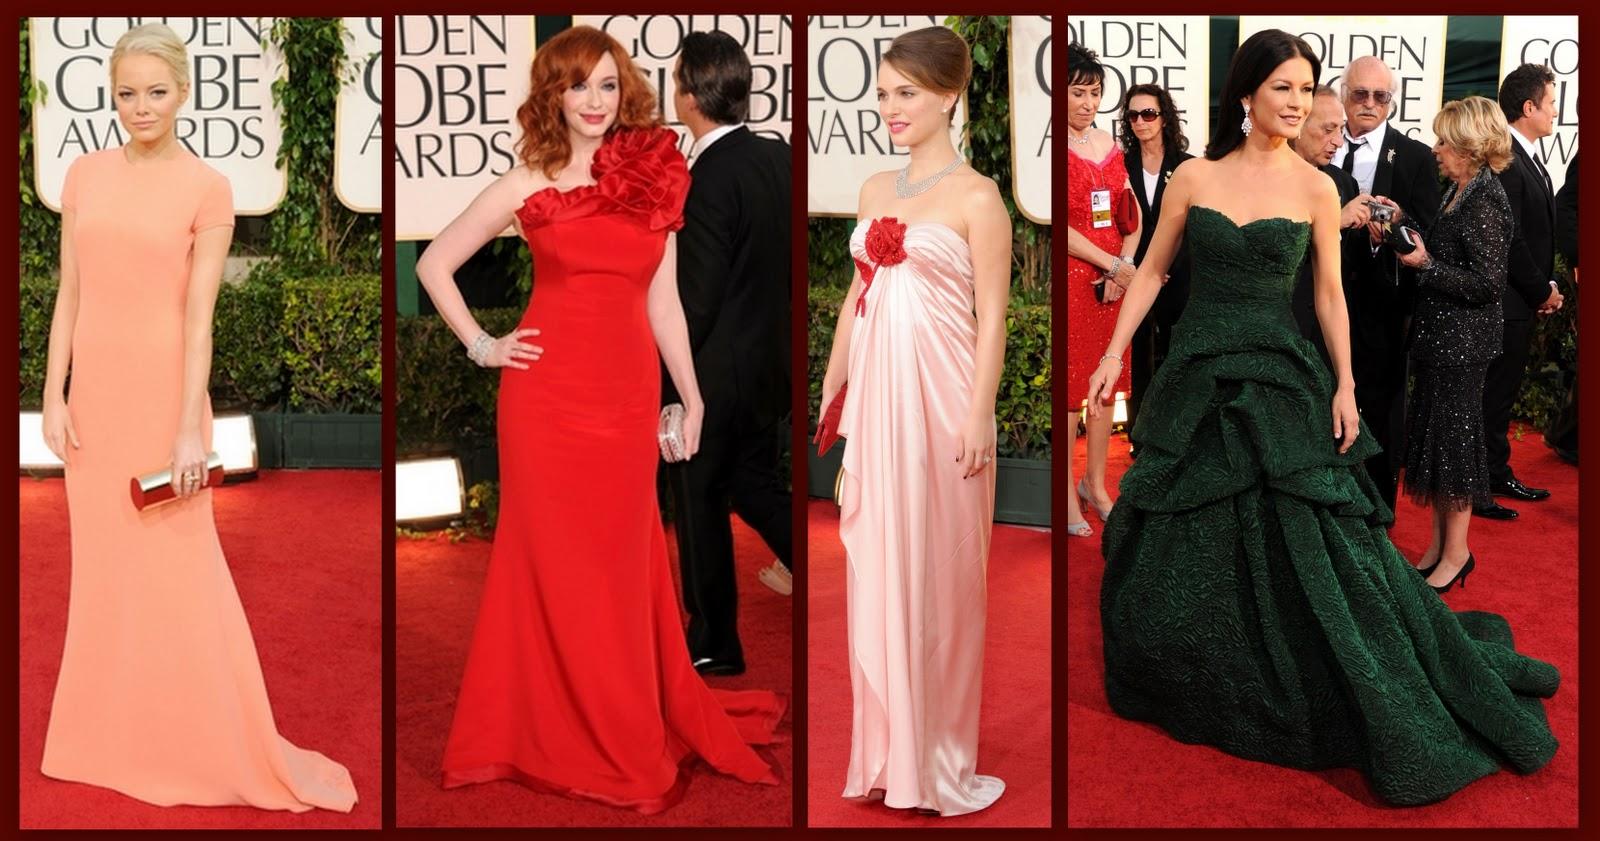 http://2.bp.blogspot.com/_wGl3bmdTX_E/TTU832zSnCI/AAAAAAAAAnI/9YPfApyUGCU/s1600/2011+Golden+Globes5.jpg